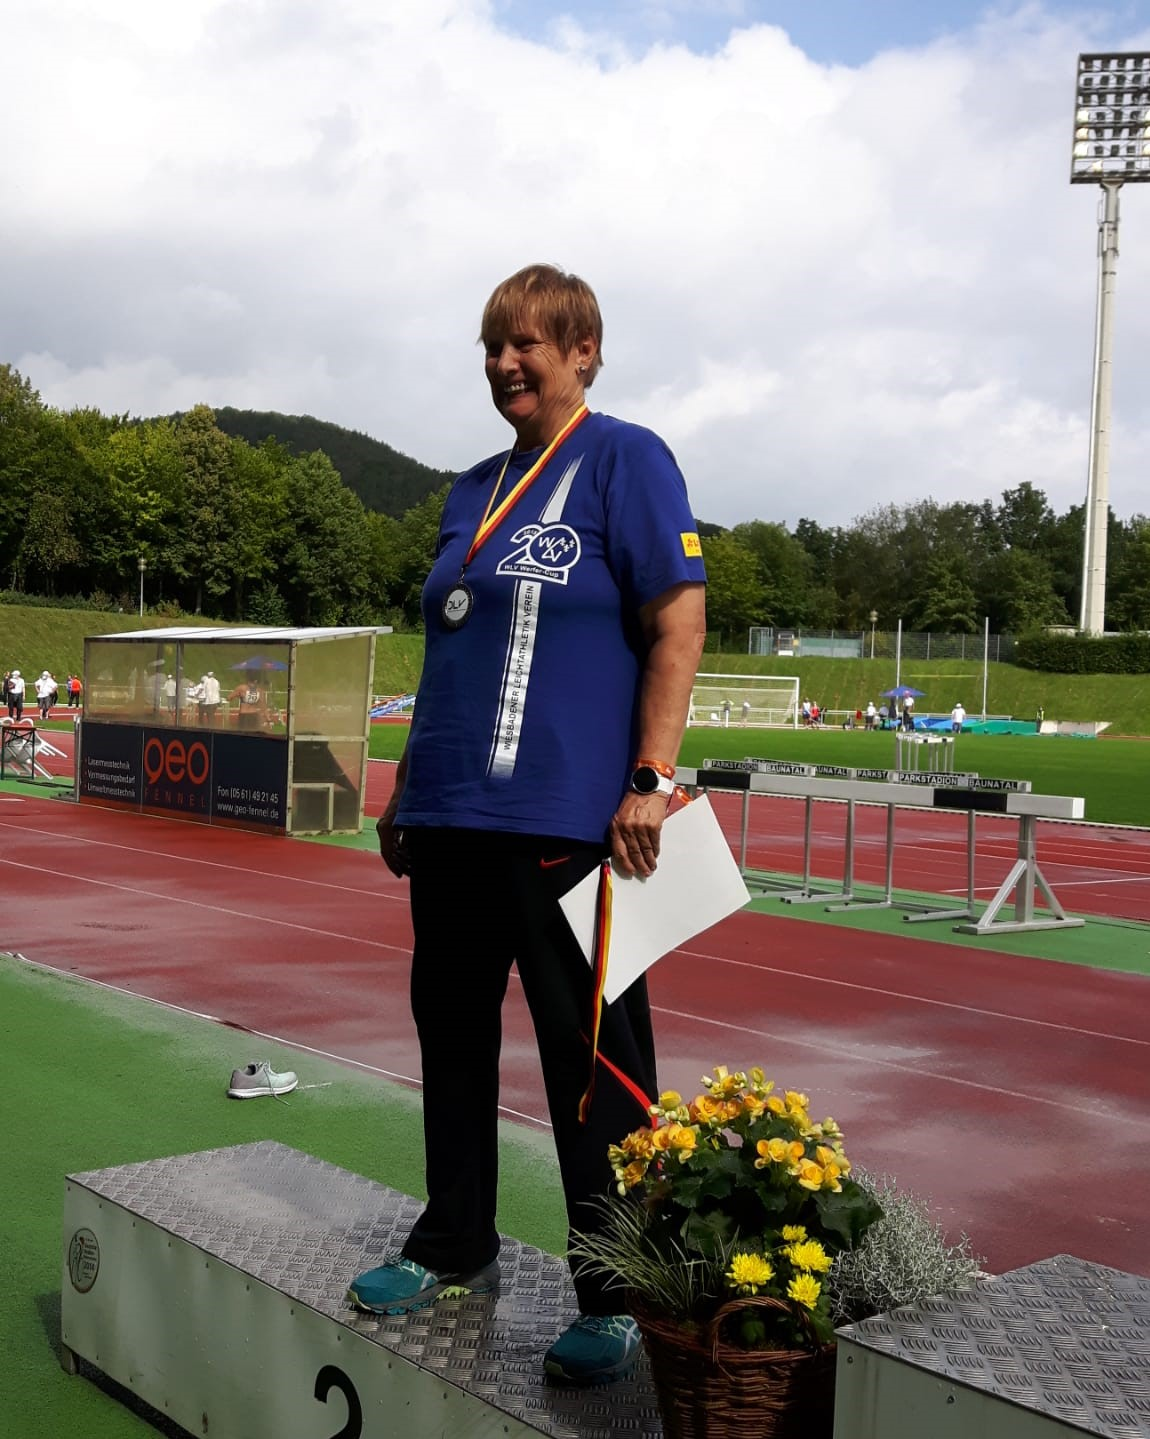 Deutsche Seniorenmeisterschaften, Babsi Schlosser gewinnt 2 Silbermedaillen